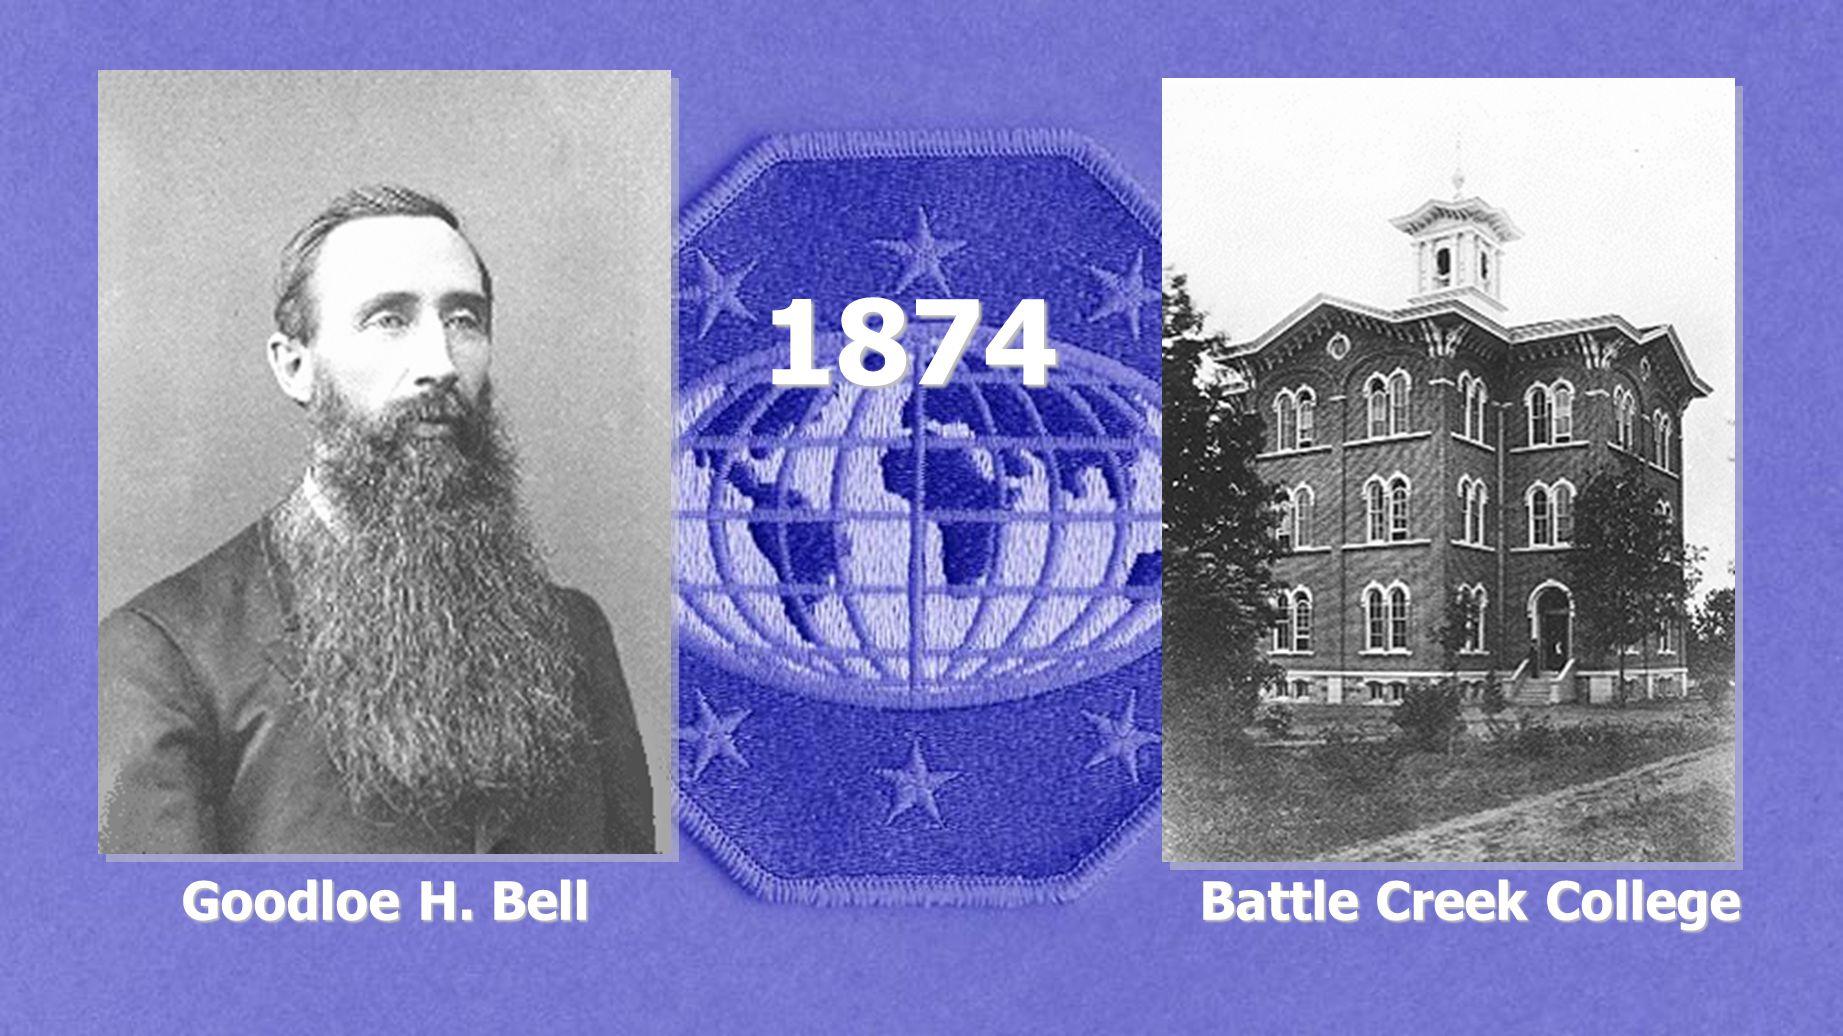 Goodloe H. Bell Battle Creek College 1874